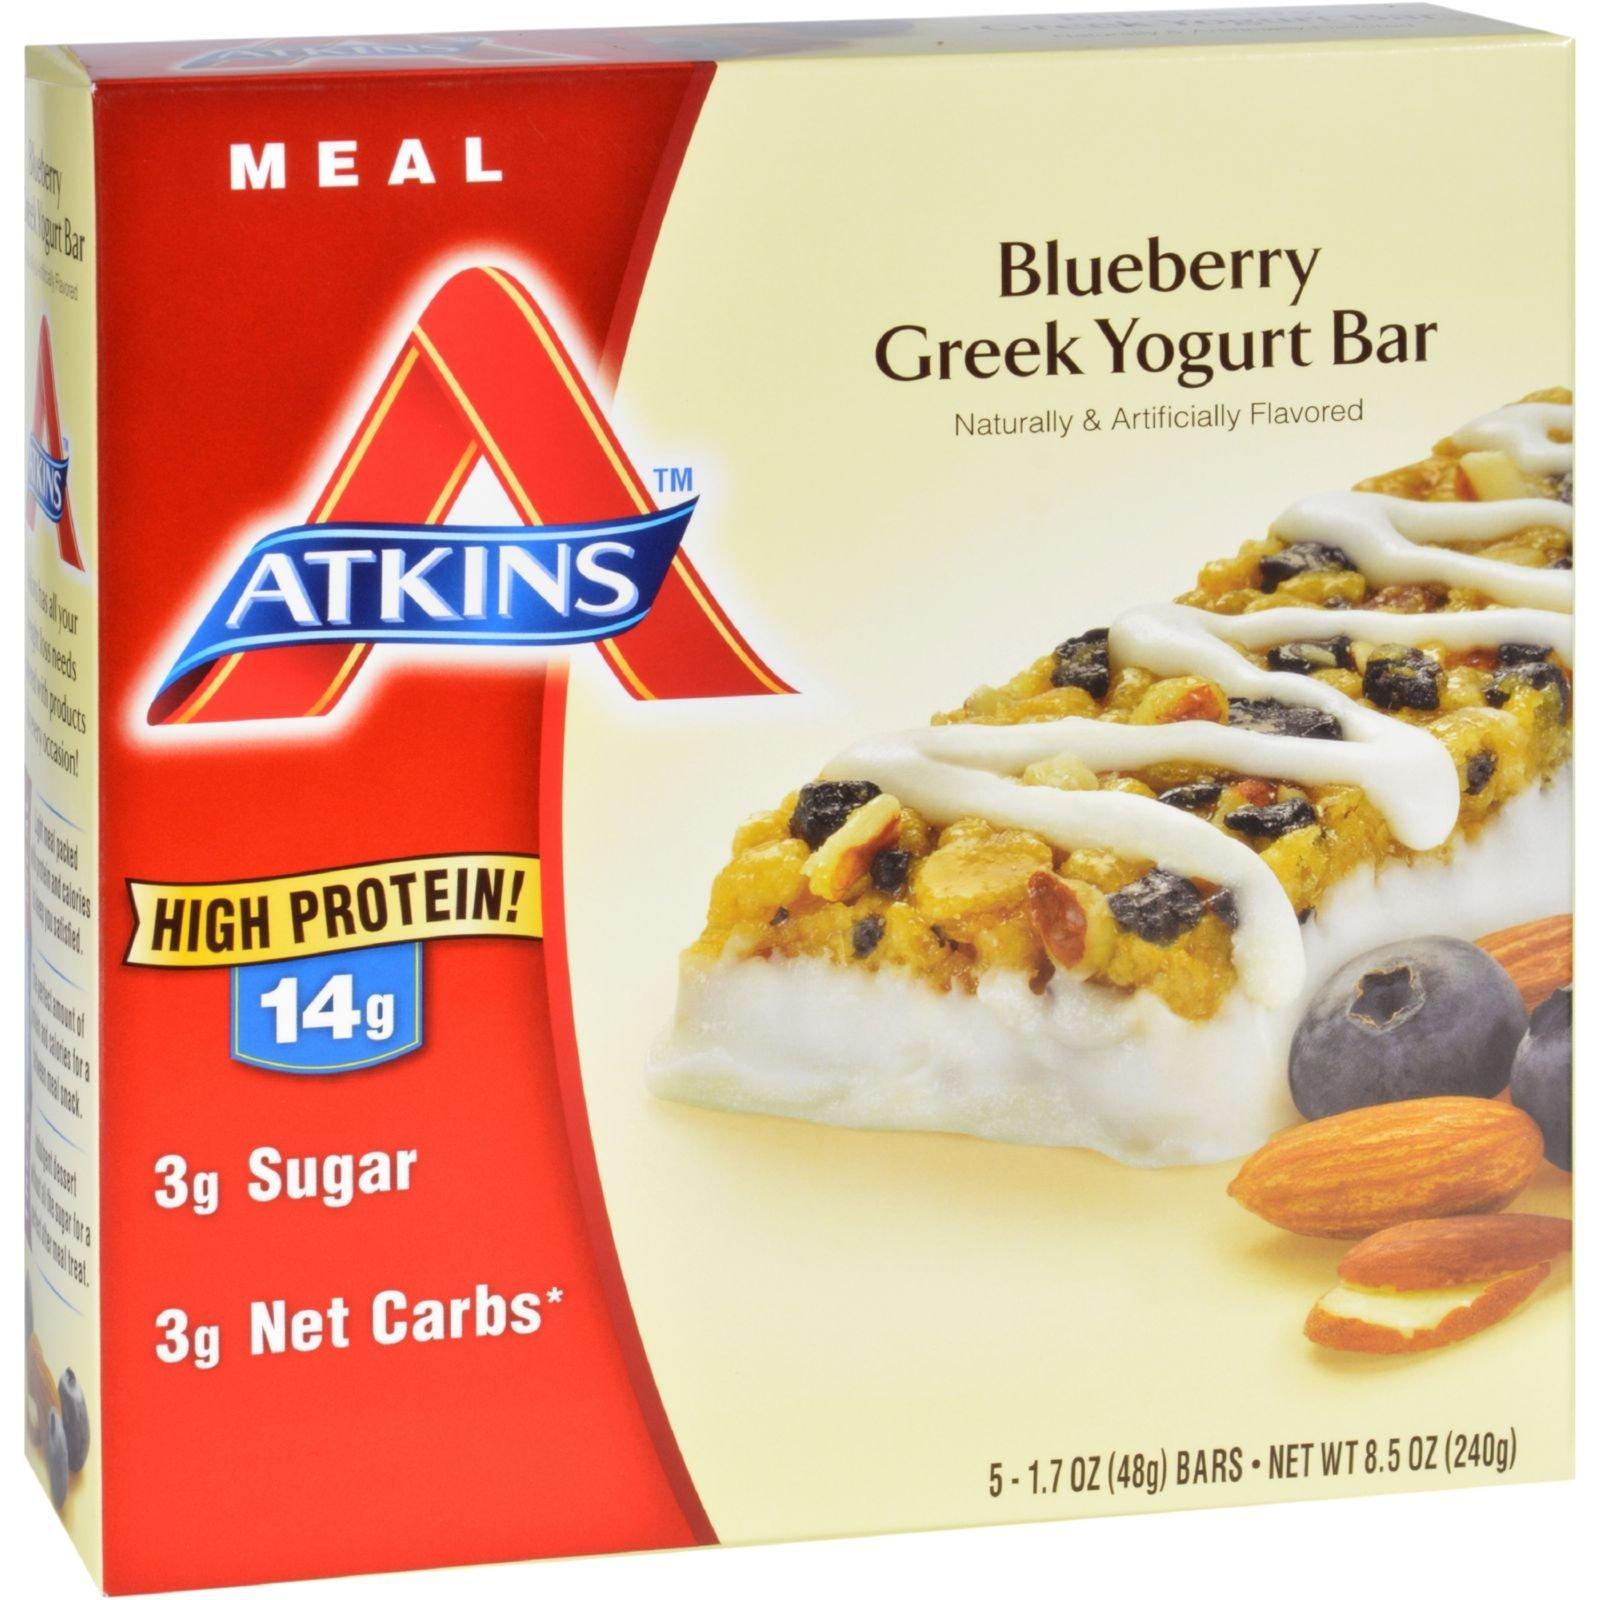 Atkins Advantage Bar - Blueberry Greek Yogurt - 5 ct - 1.7 oz - Case of 6 - High Protein 14g - Low Sugar